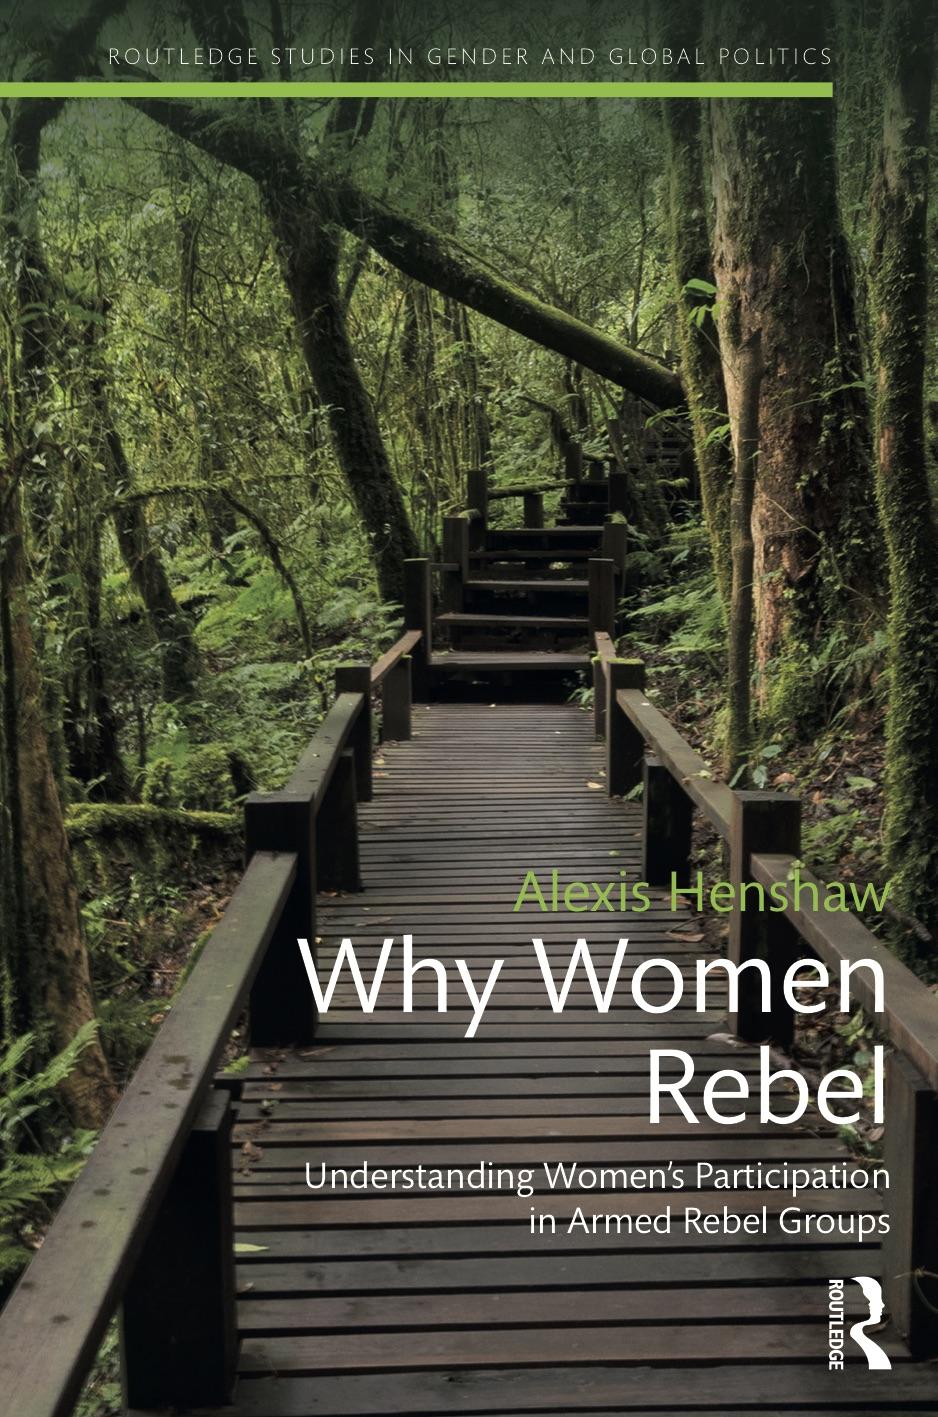 Why Women Rebel.jpg